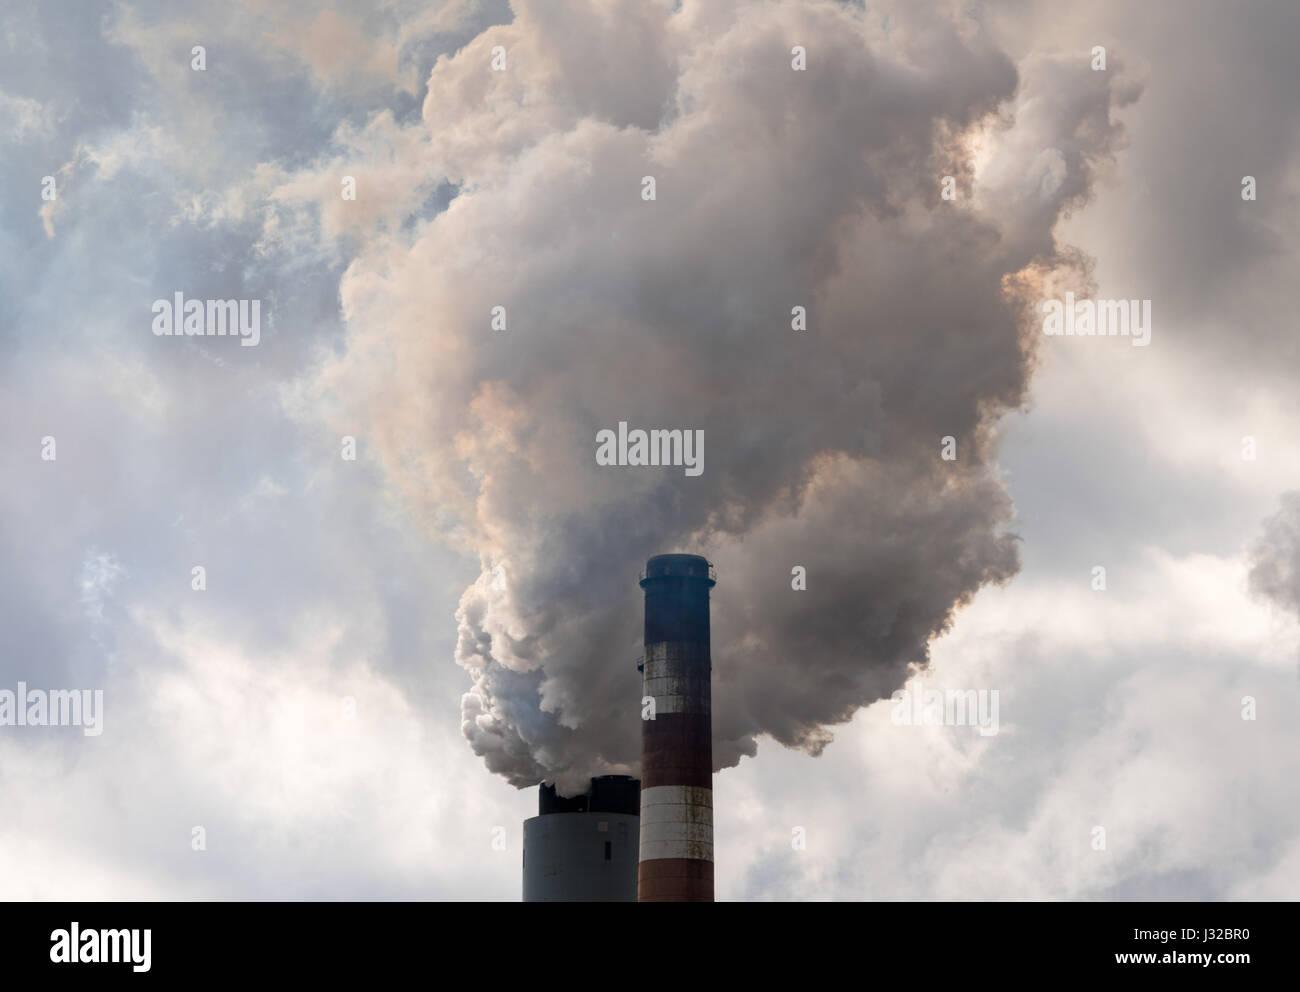 El humo y la contaminación del aire de la chimenea de una American industiral carbón Power Station, EE.UU. Imagen De Stock